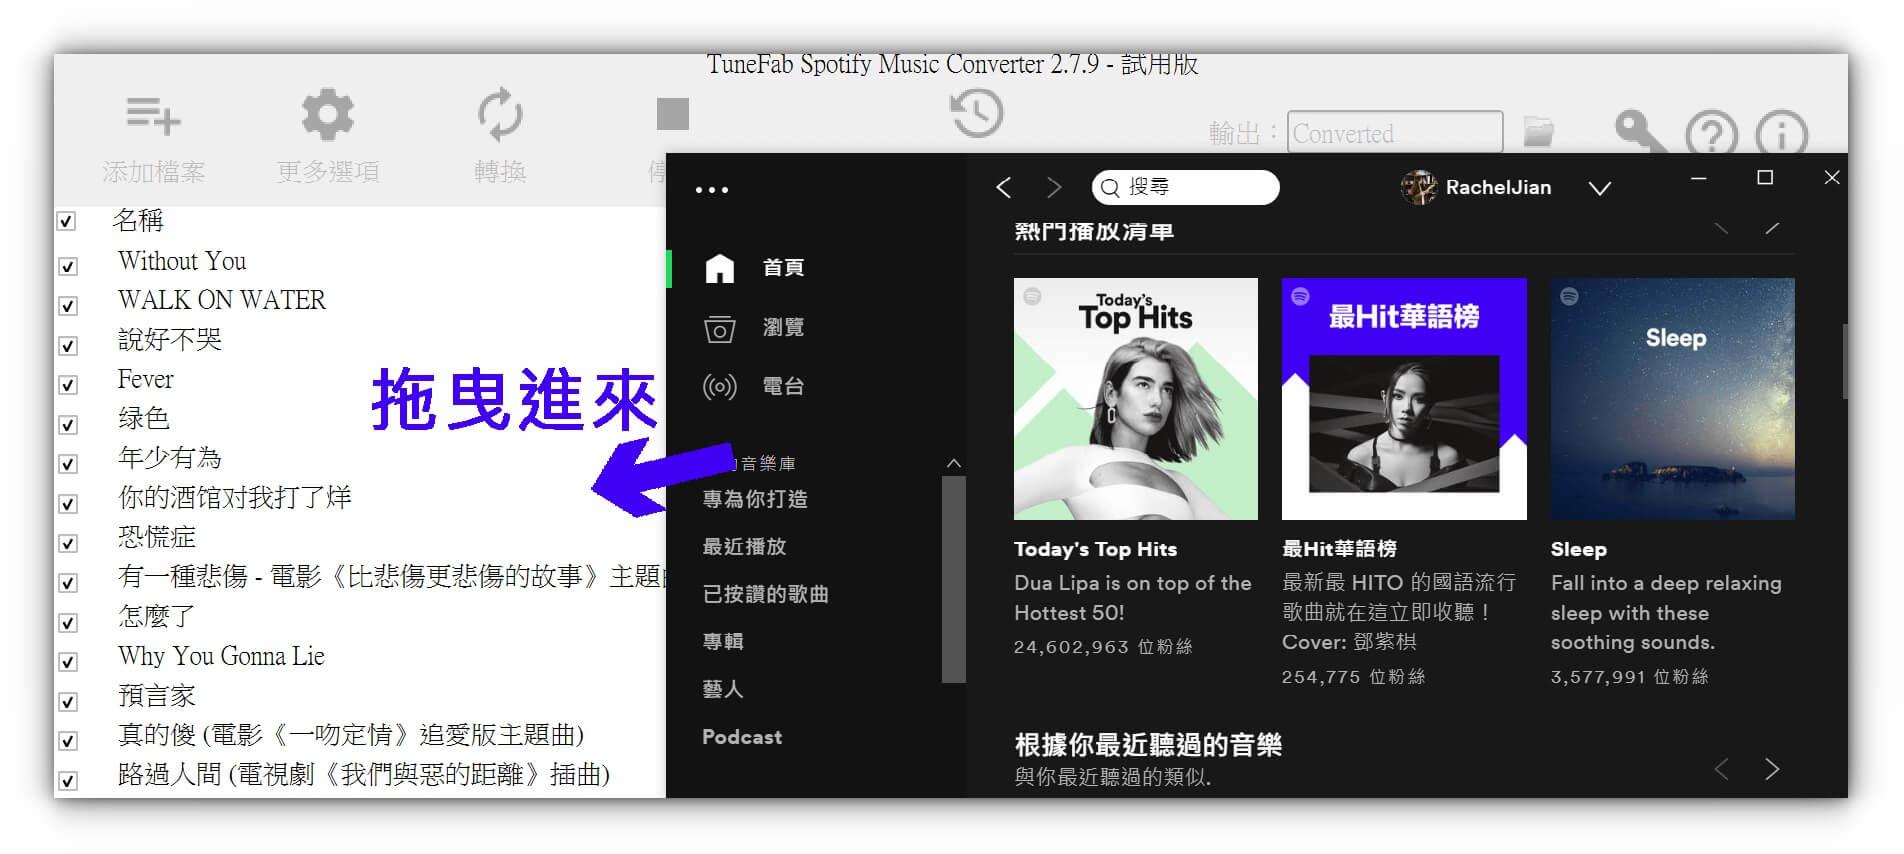 Windows 下載 Spotify 歌曲,TuneFab Spotify 音樂轉檔器 -選擇歌曲